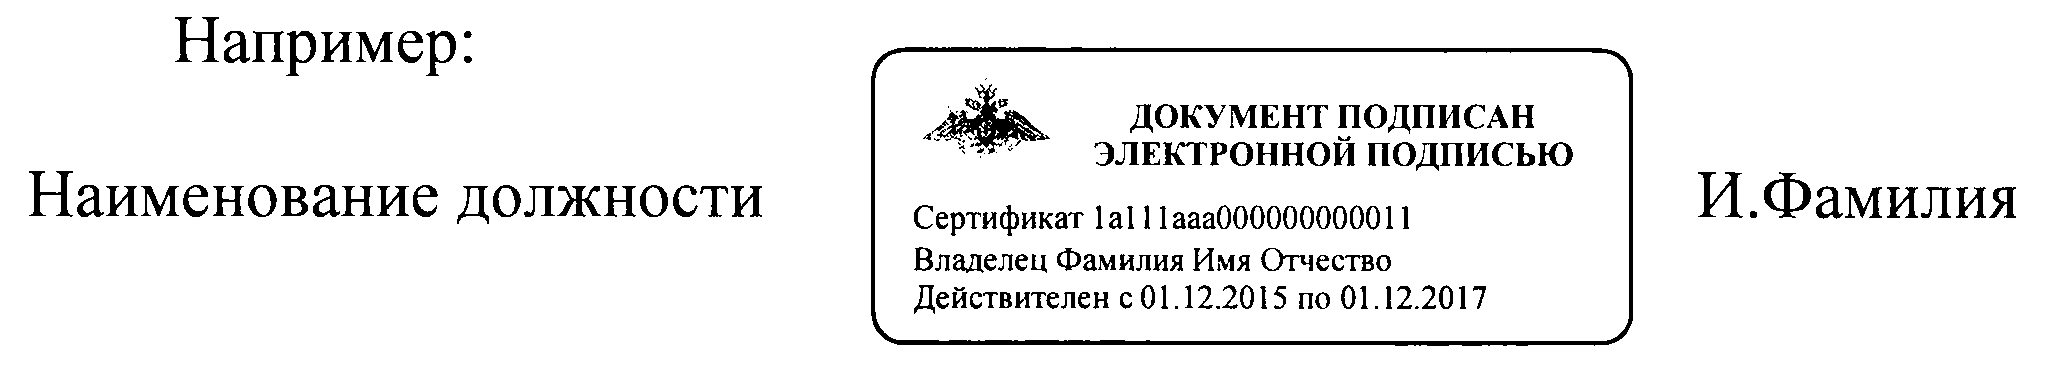 Приказ мо рф 300 дсп-1